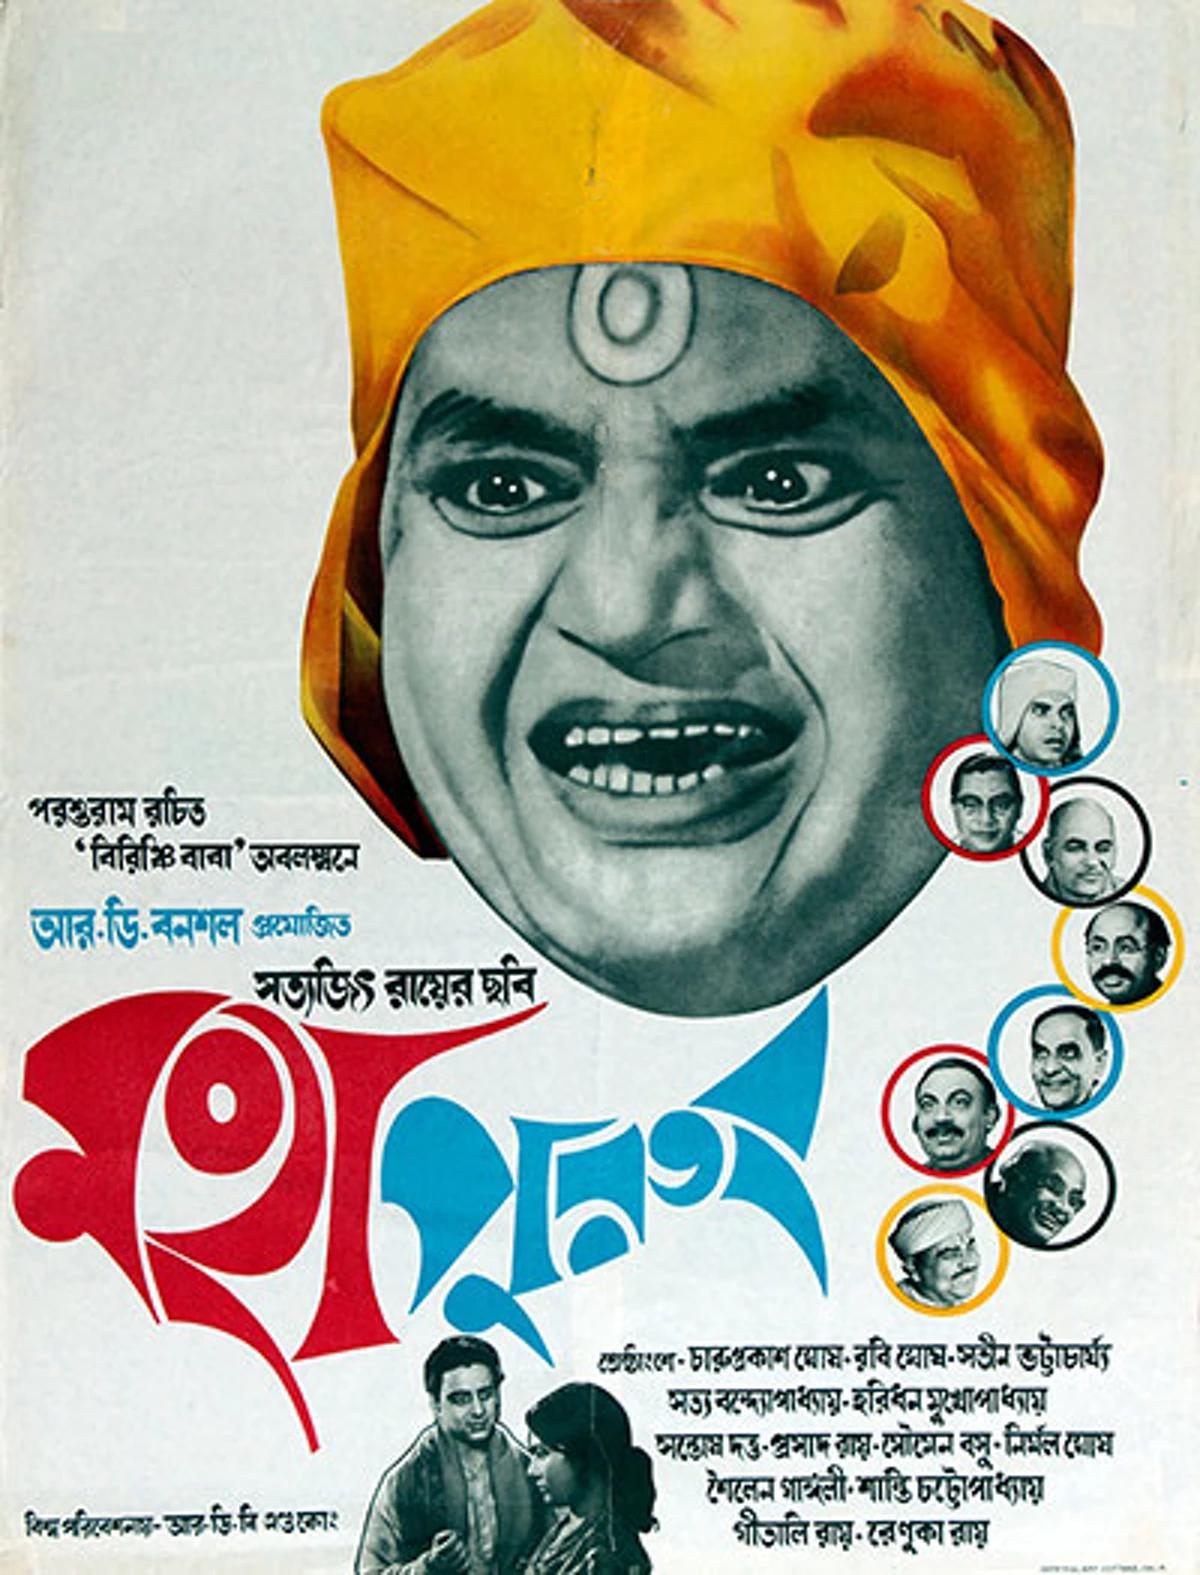 فیلم سینمایی The Holy Man با حضور Charuprakash Ghosh